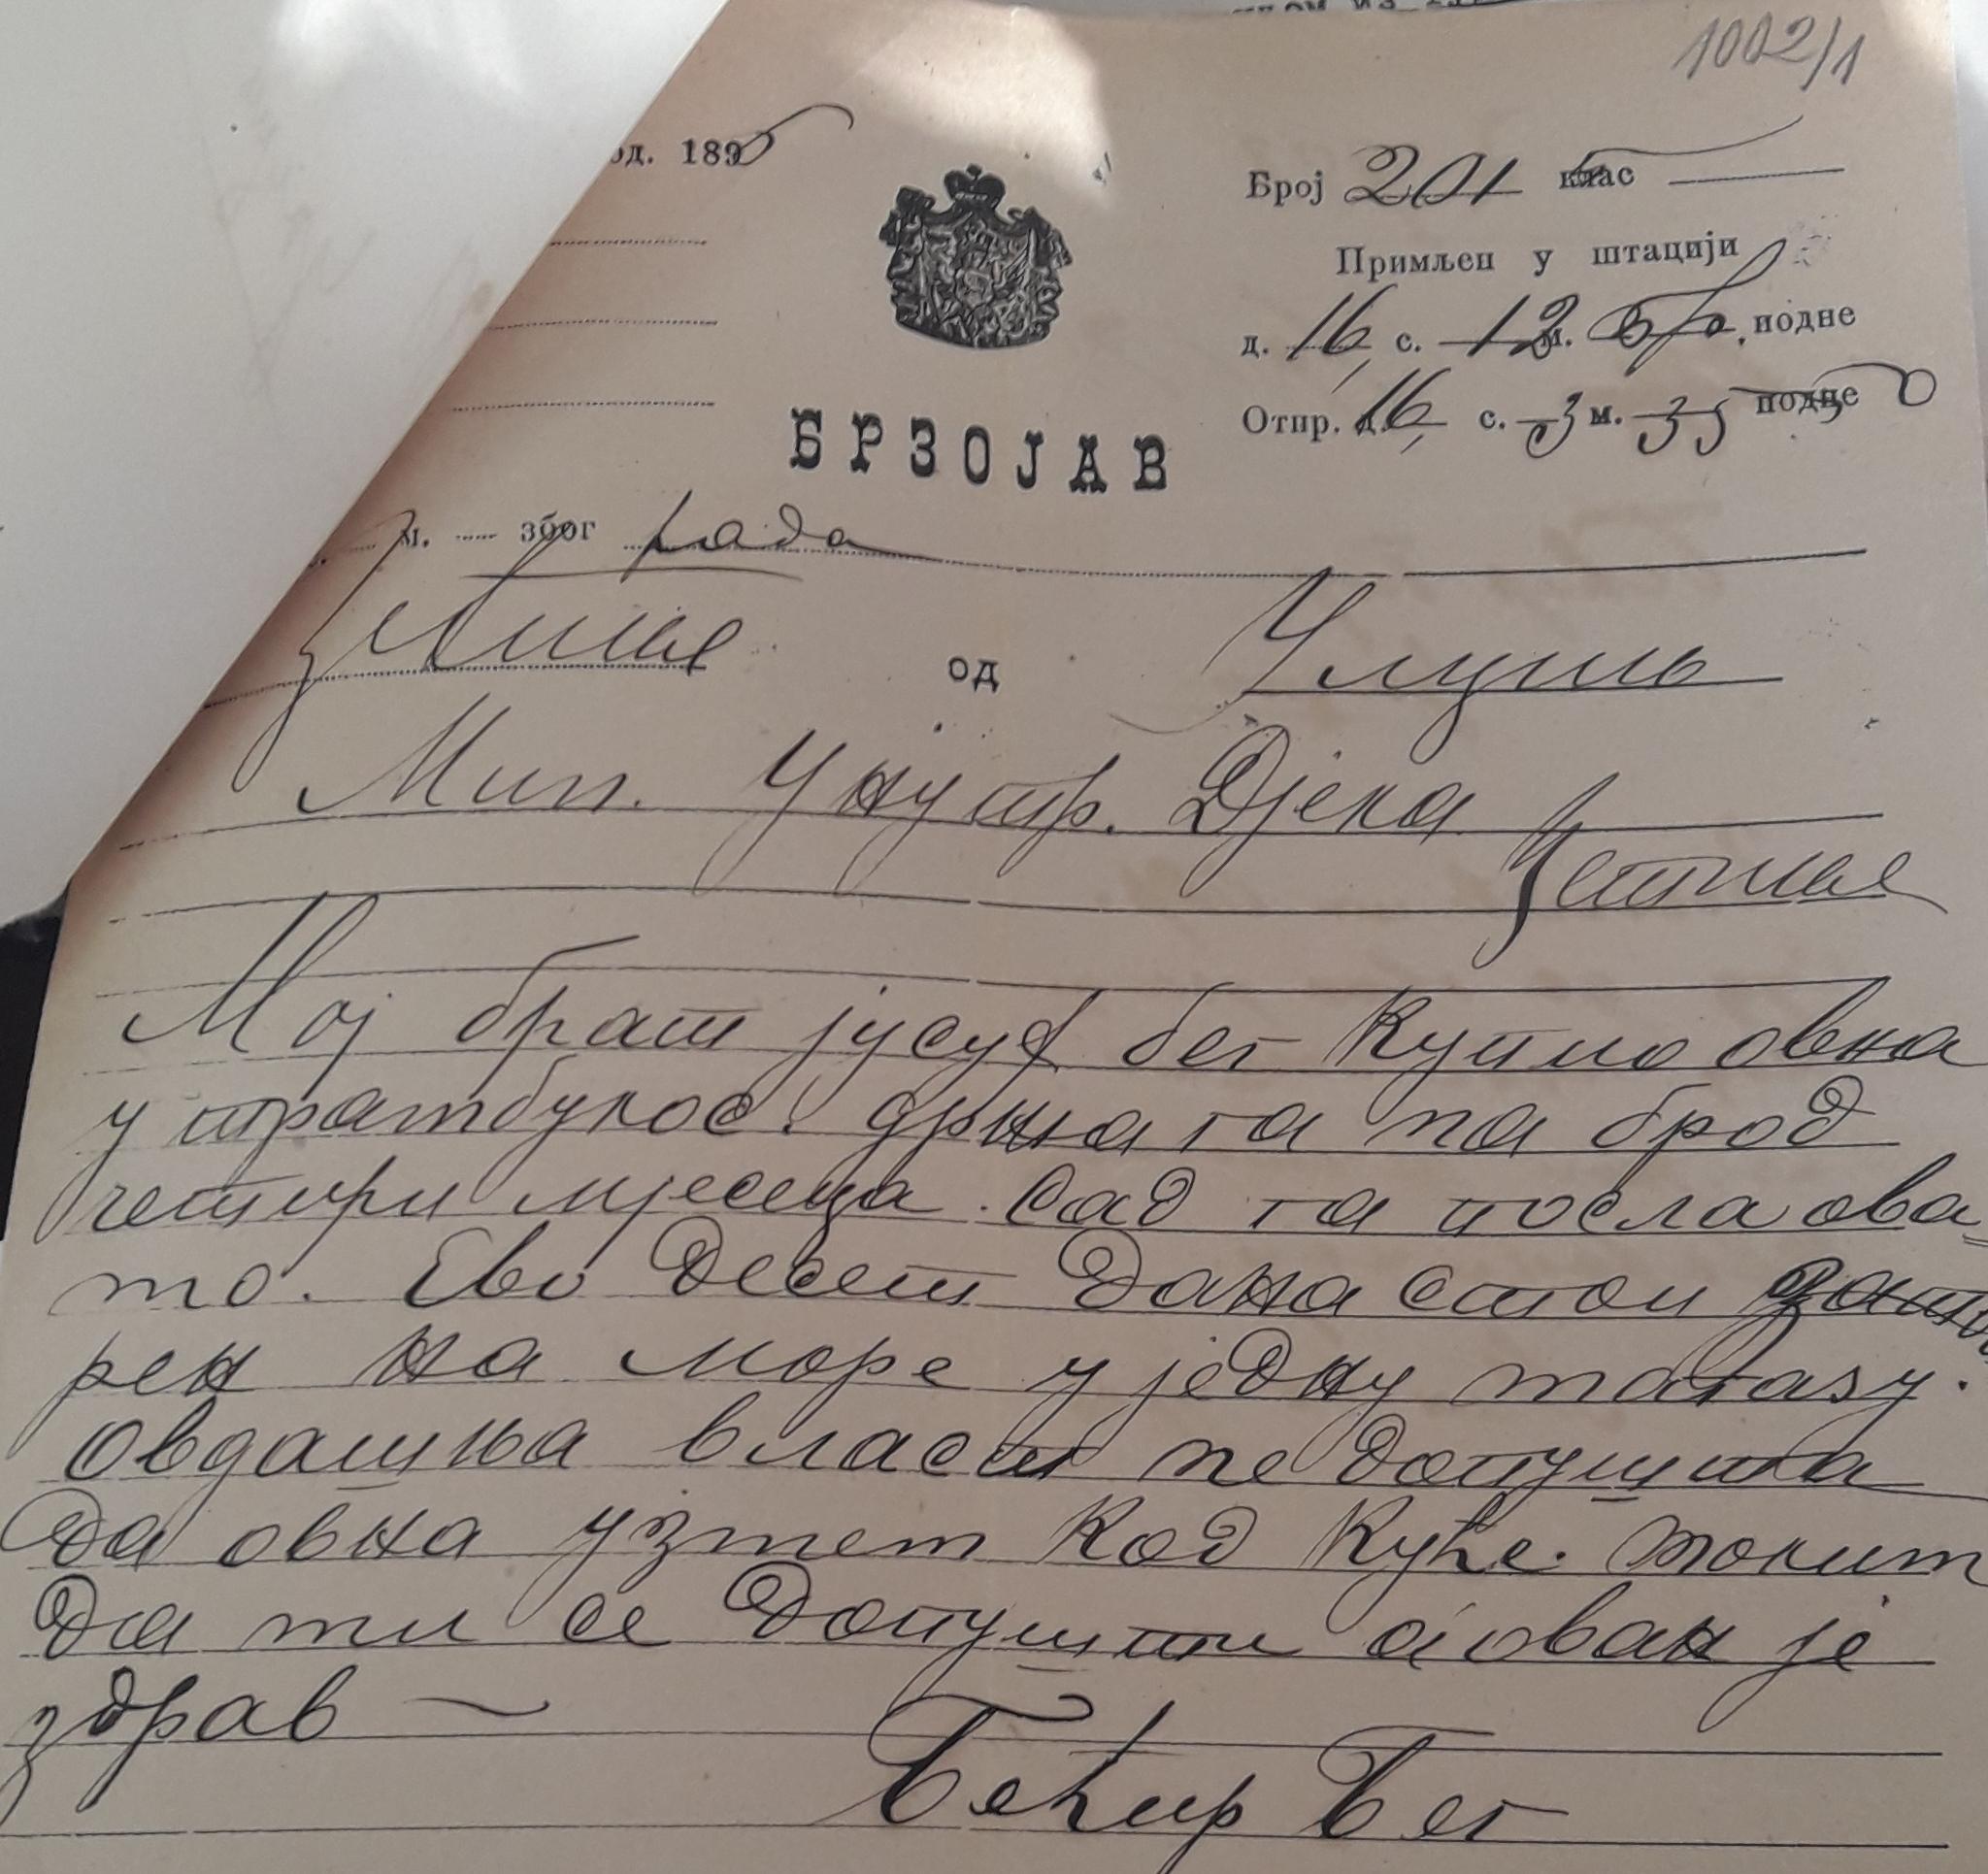 4. Telegraf vojvode Bećir bega Osmanagića vlastima sa zahtjevom da preuzme kupljenog ovna koji je zadržan od carinskih vlati u Ulcinju, 1896.